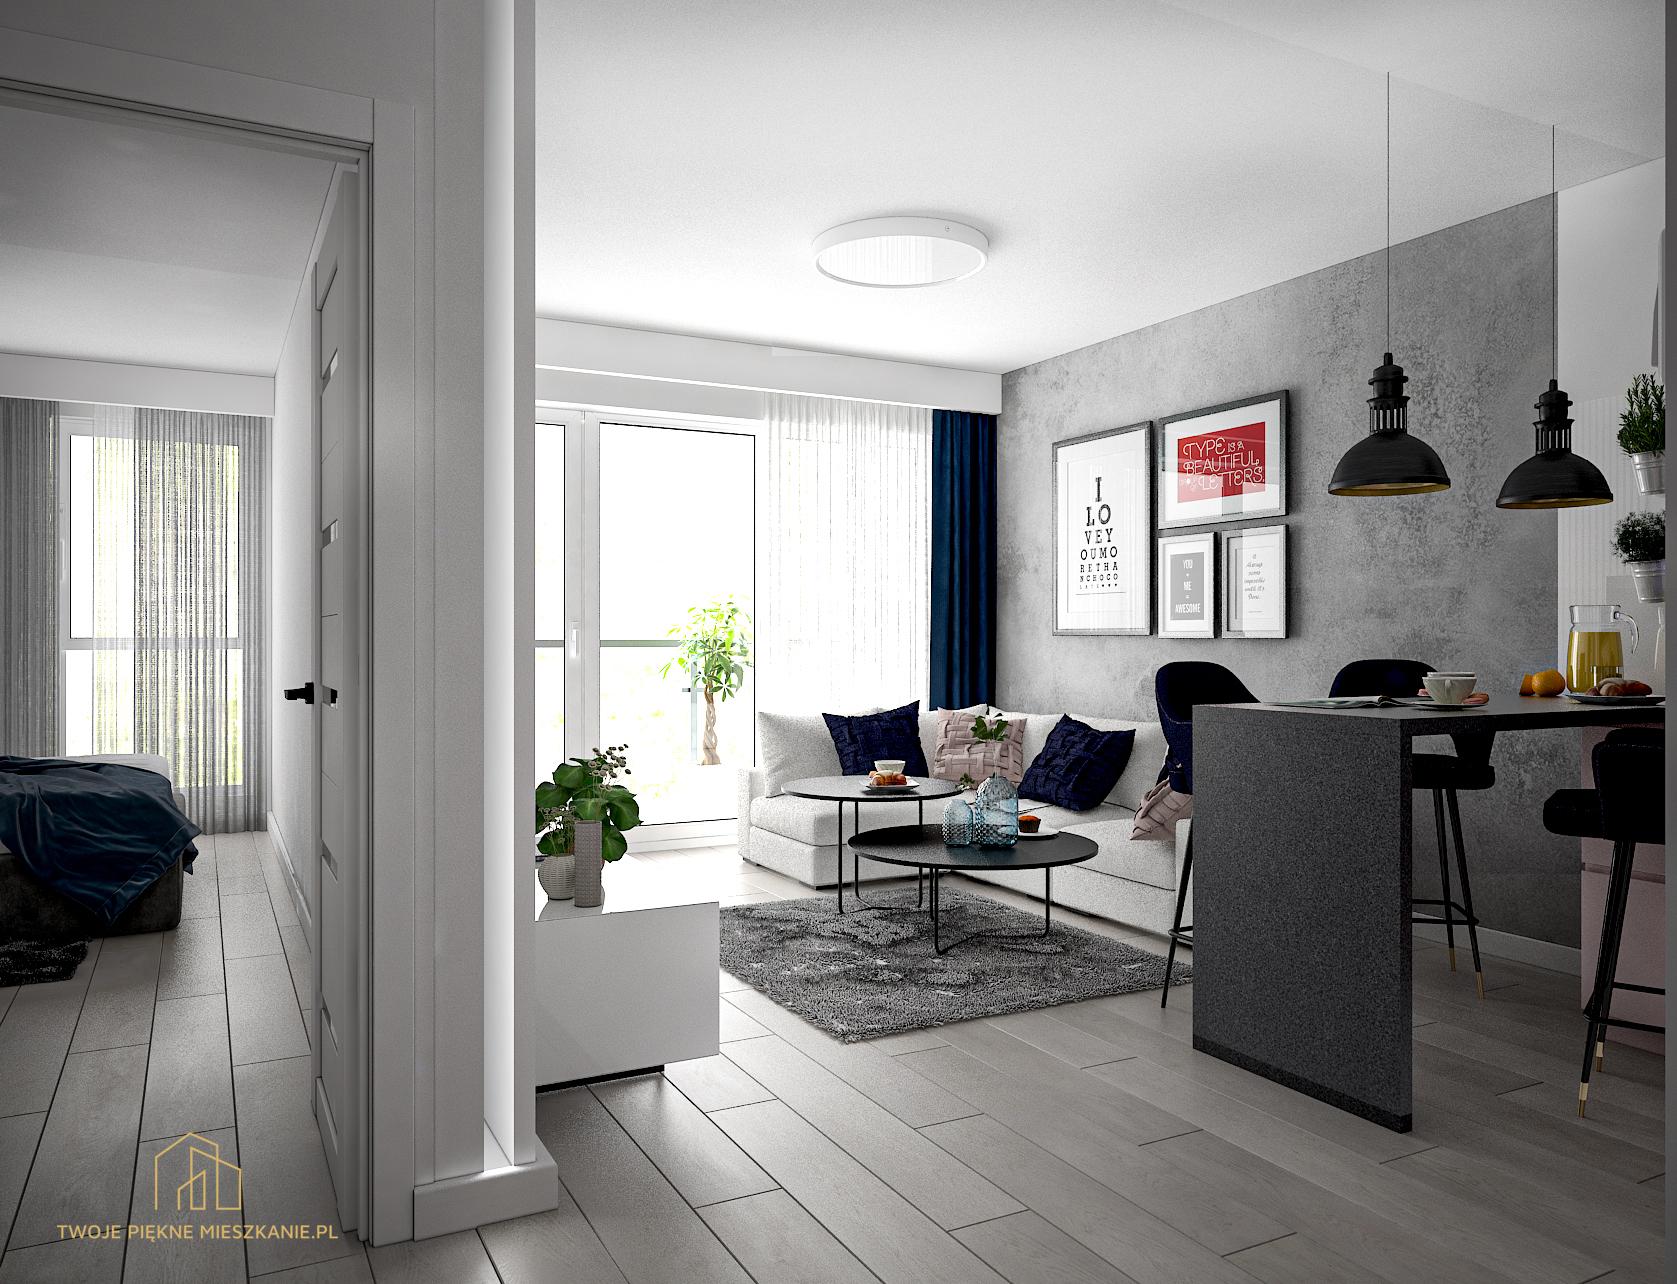 twoje piekne mieszkanie mieszkania wysoki standard